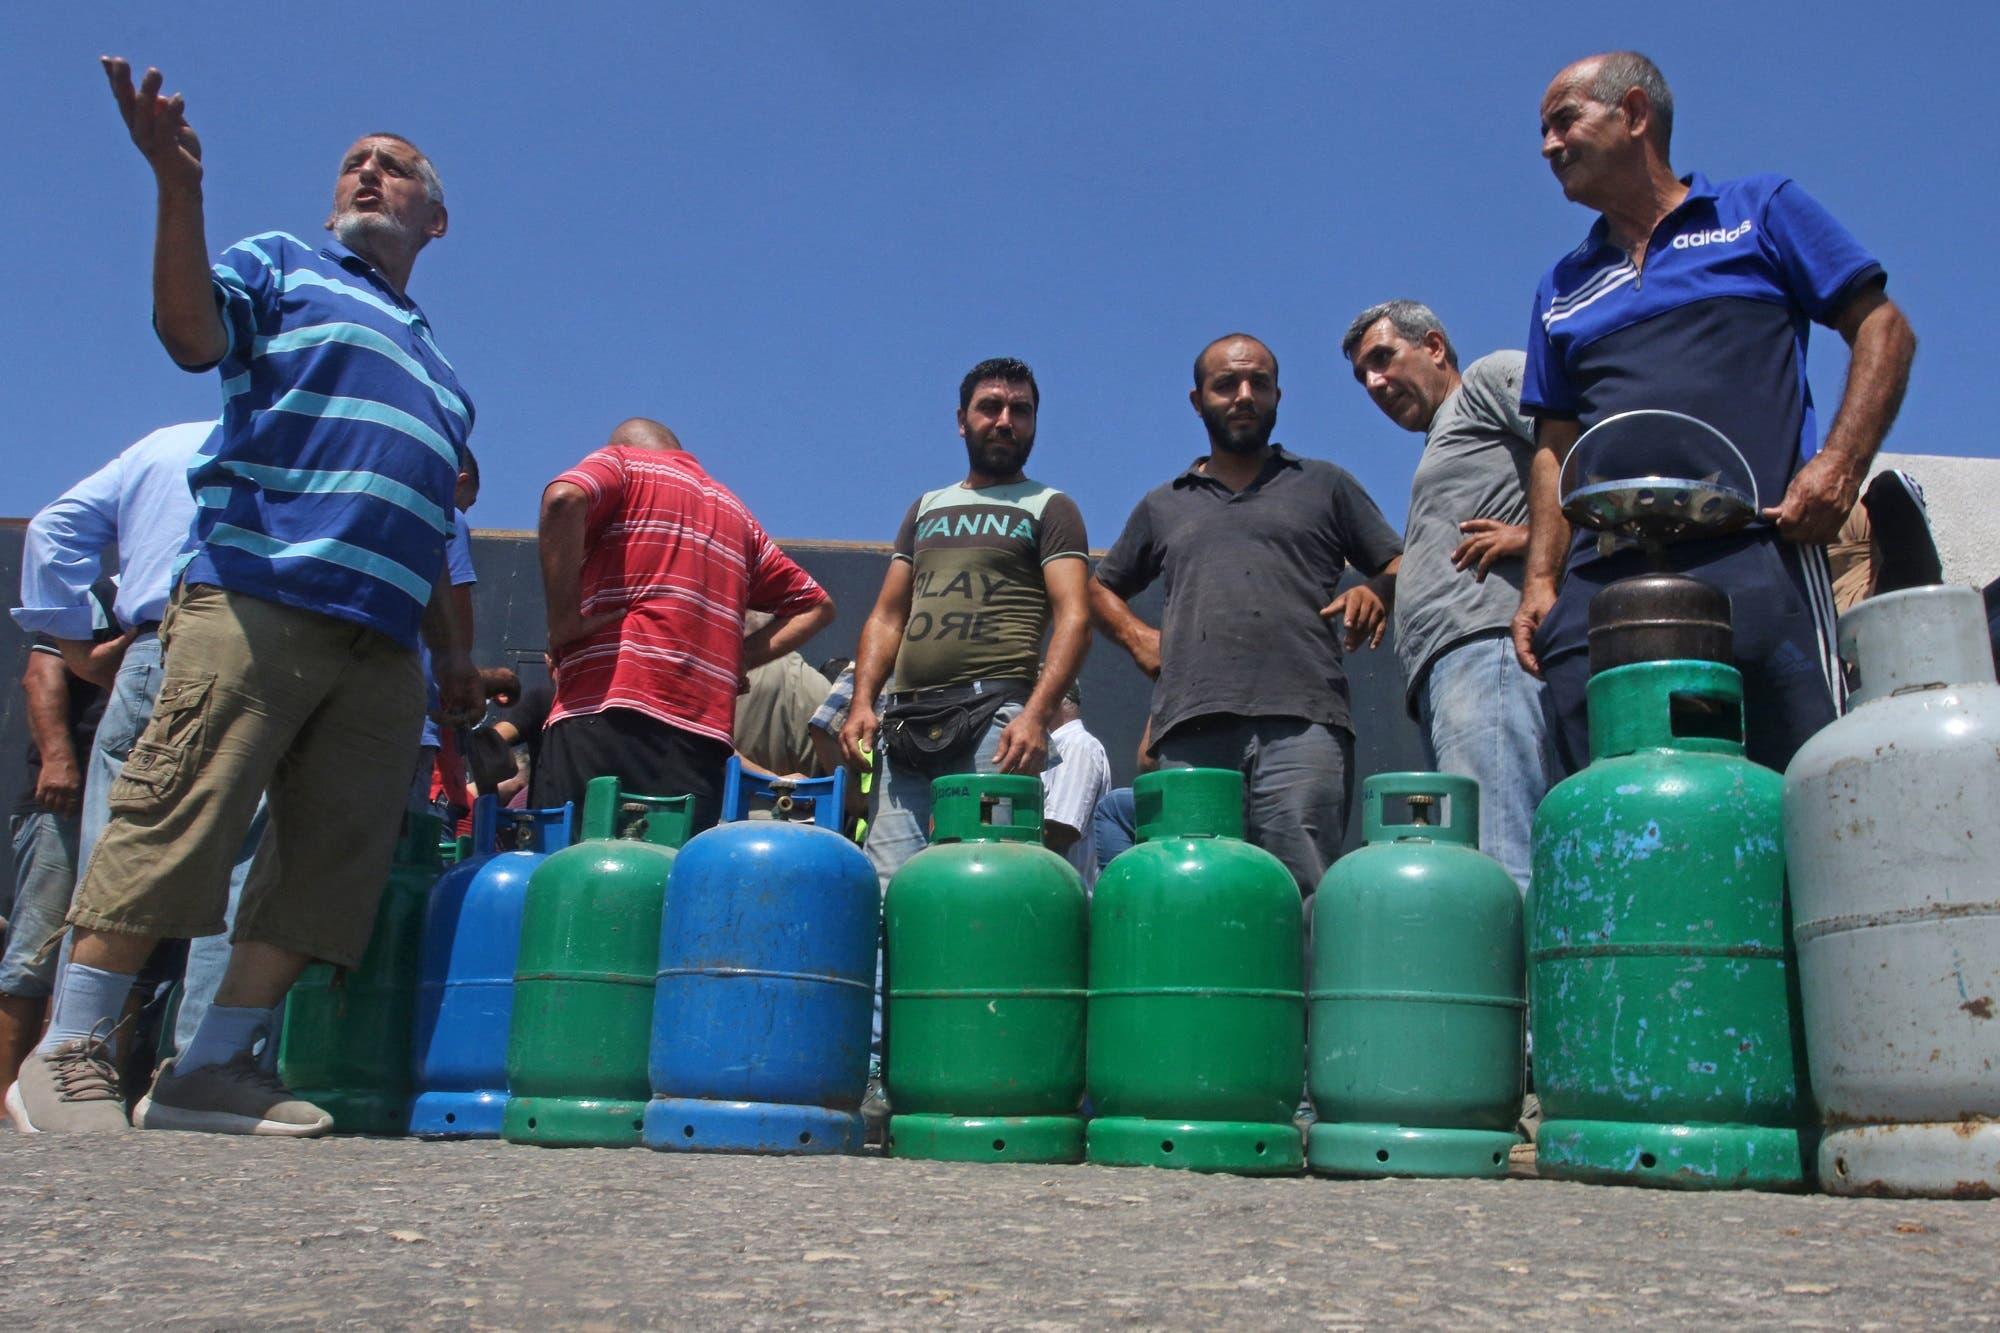 لبنانيون ينتظرون ملء أسطوانات الغاز في صيدا جنوب البلاد (أرشيفية من فرانس برس)